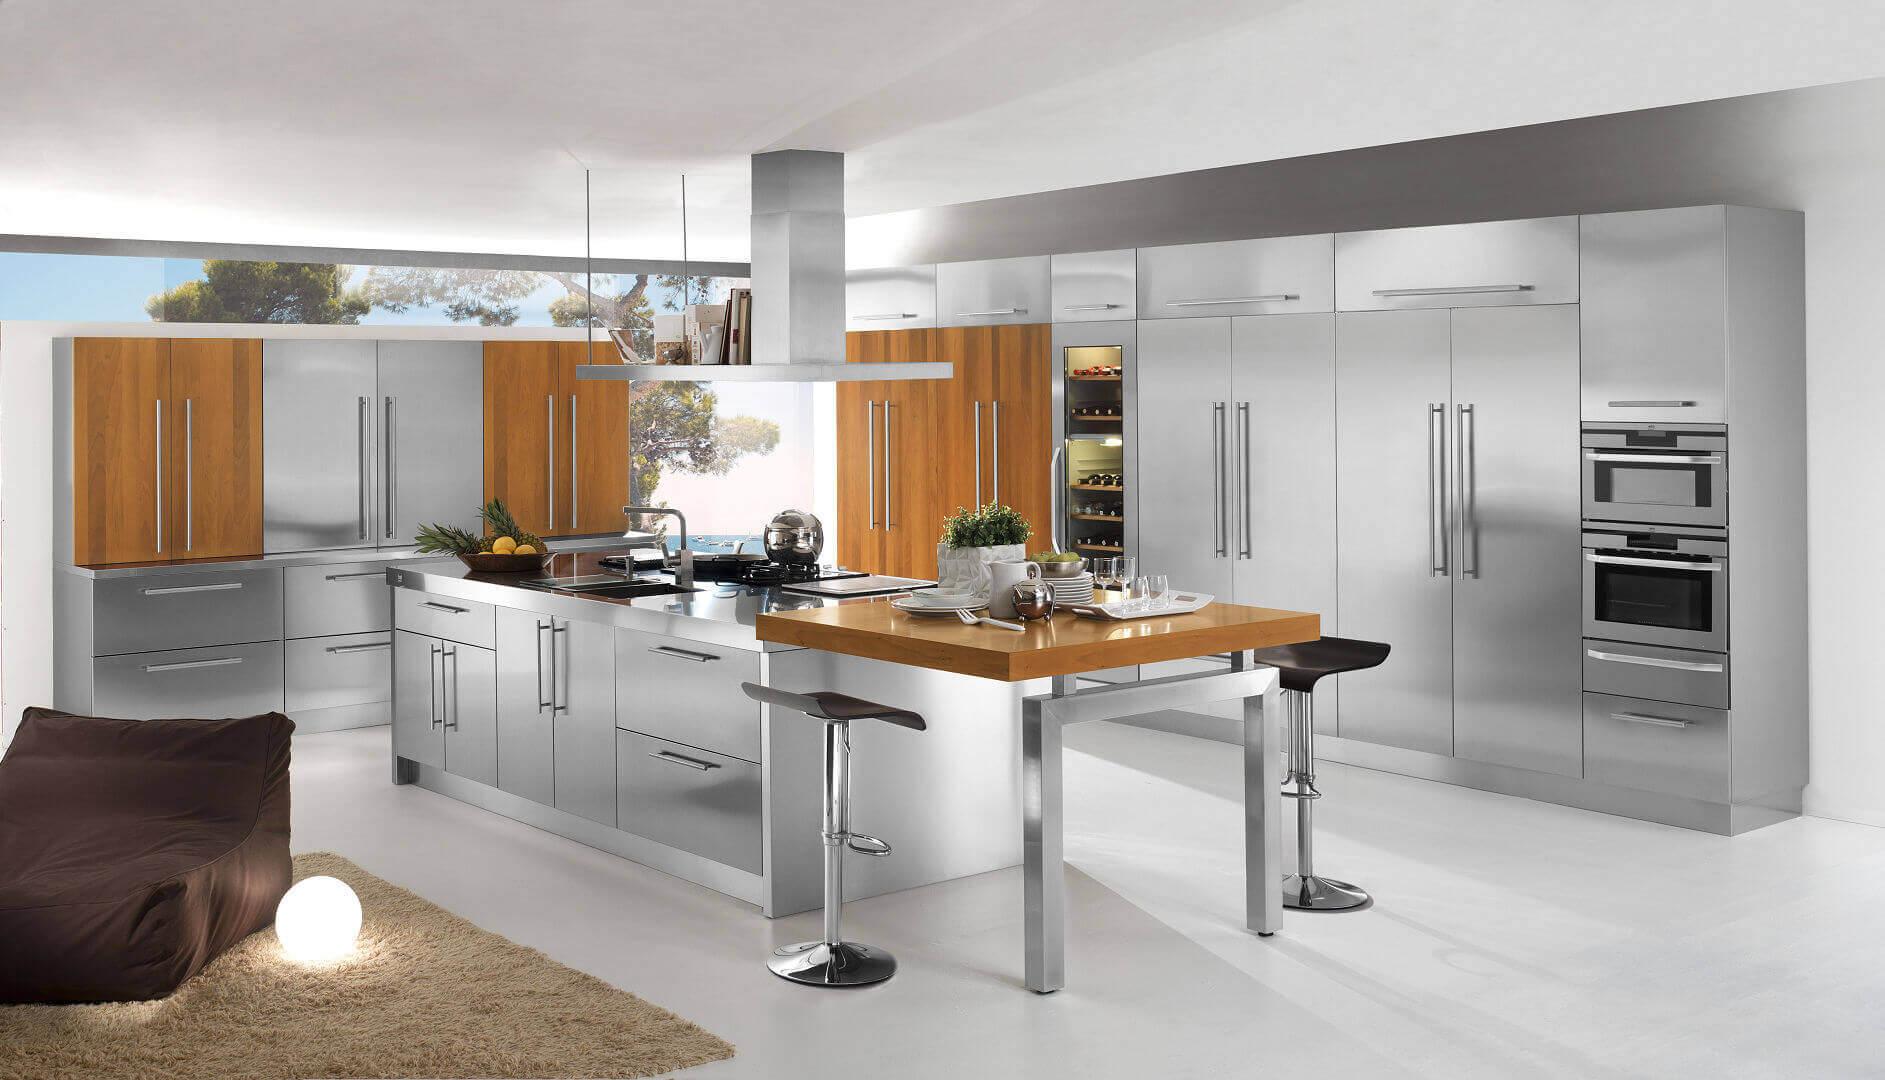 Molto Modelli - Arca Cucine Italia - Cucine in Acciaio Inox IT57